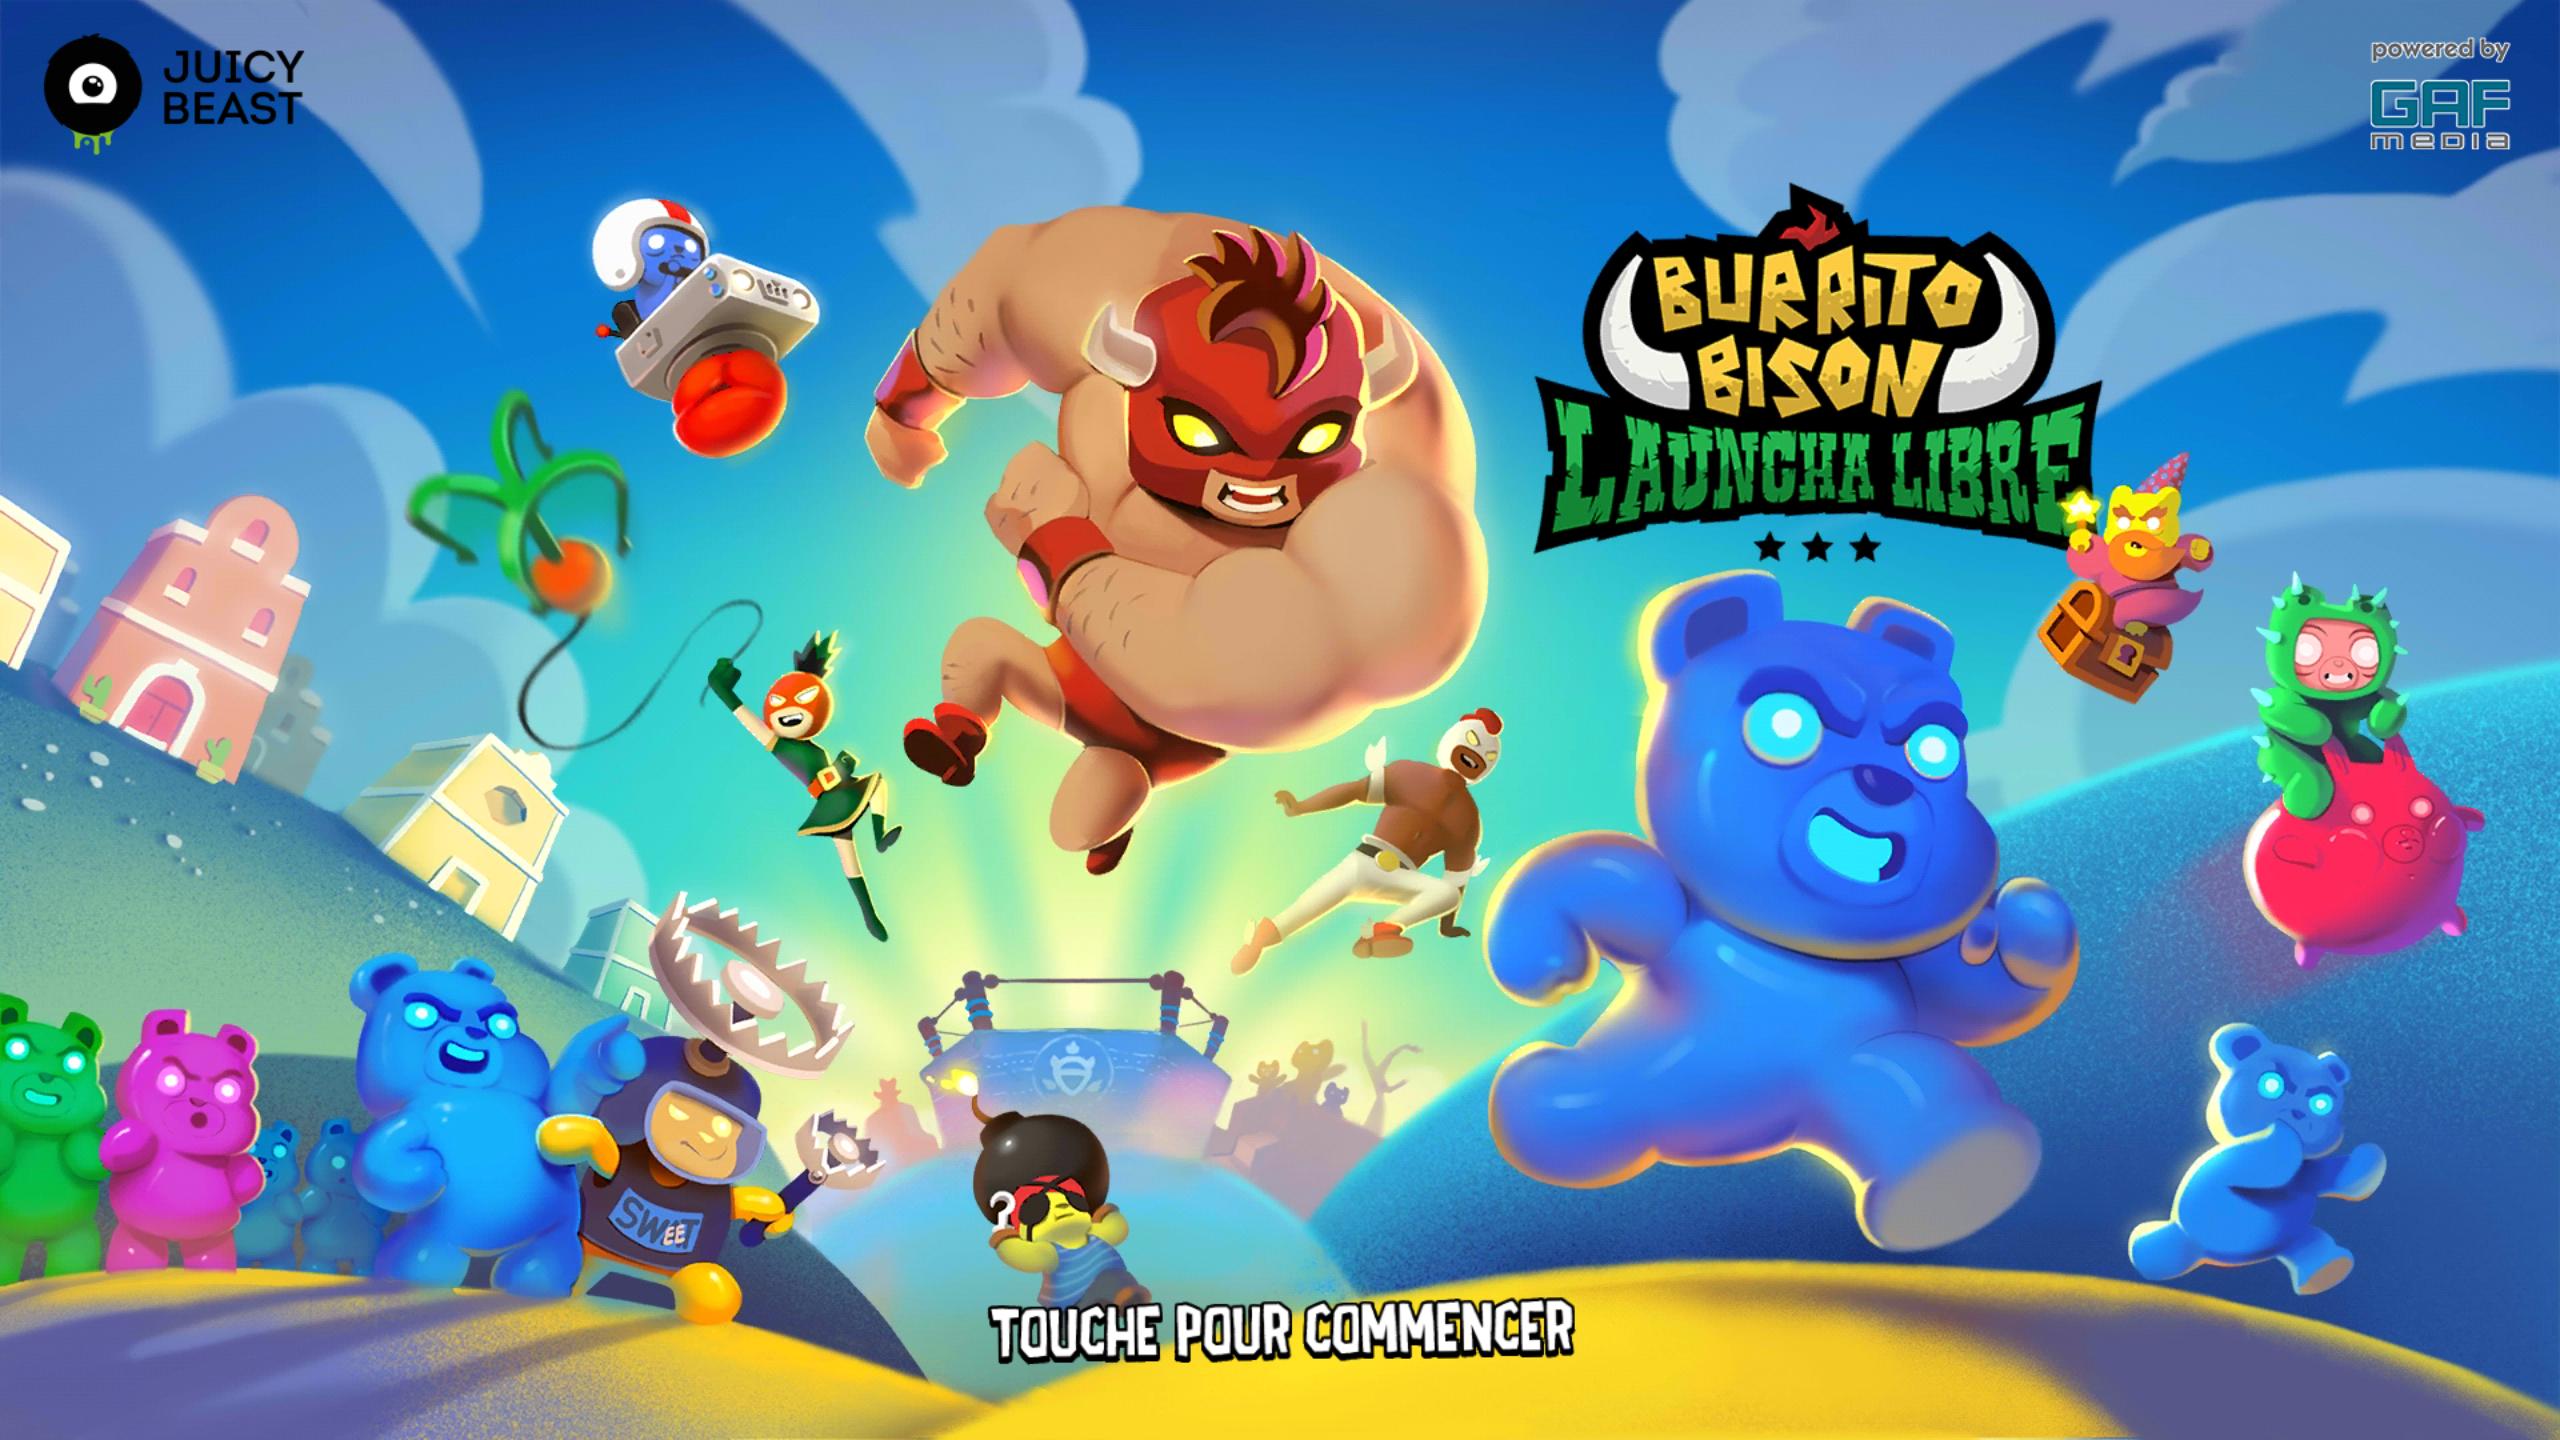 burrito-bison-launcha-libre-1